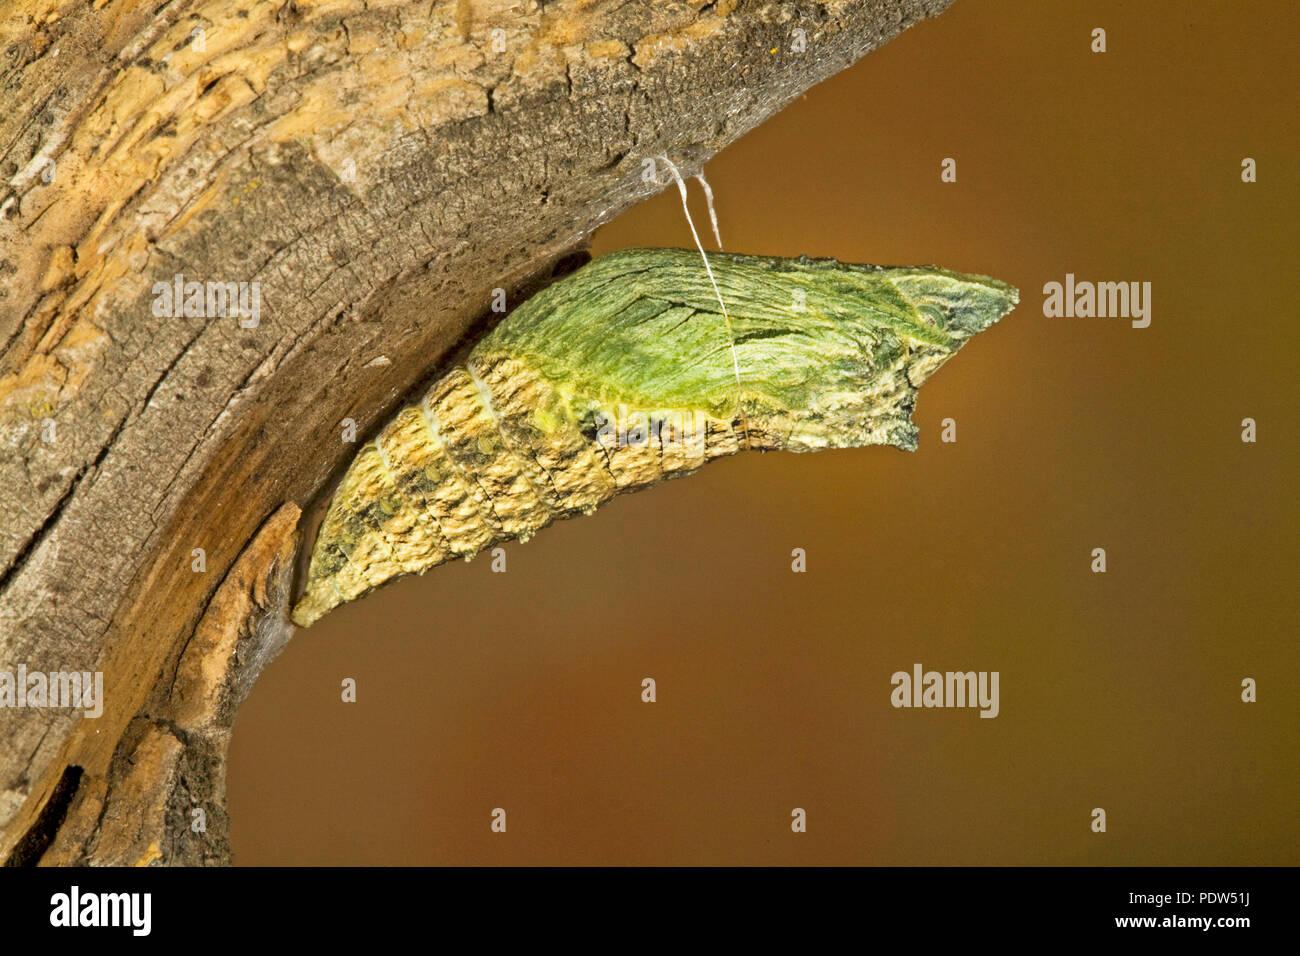 Die chrysalis Stufe eines Anis Schwalbenschwanz Schmetterling Raupe, Papil, silked zu einem Baum, in der Cascade Mountains der zentralen Oregon. Stockbild